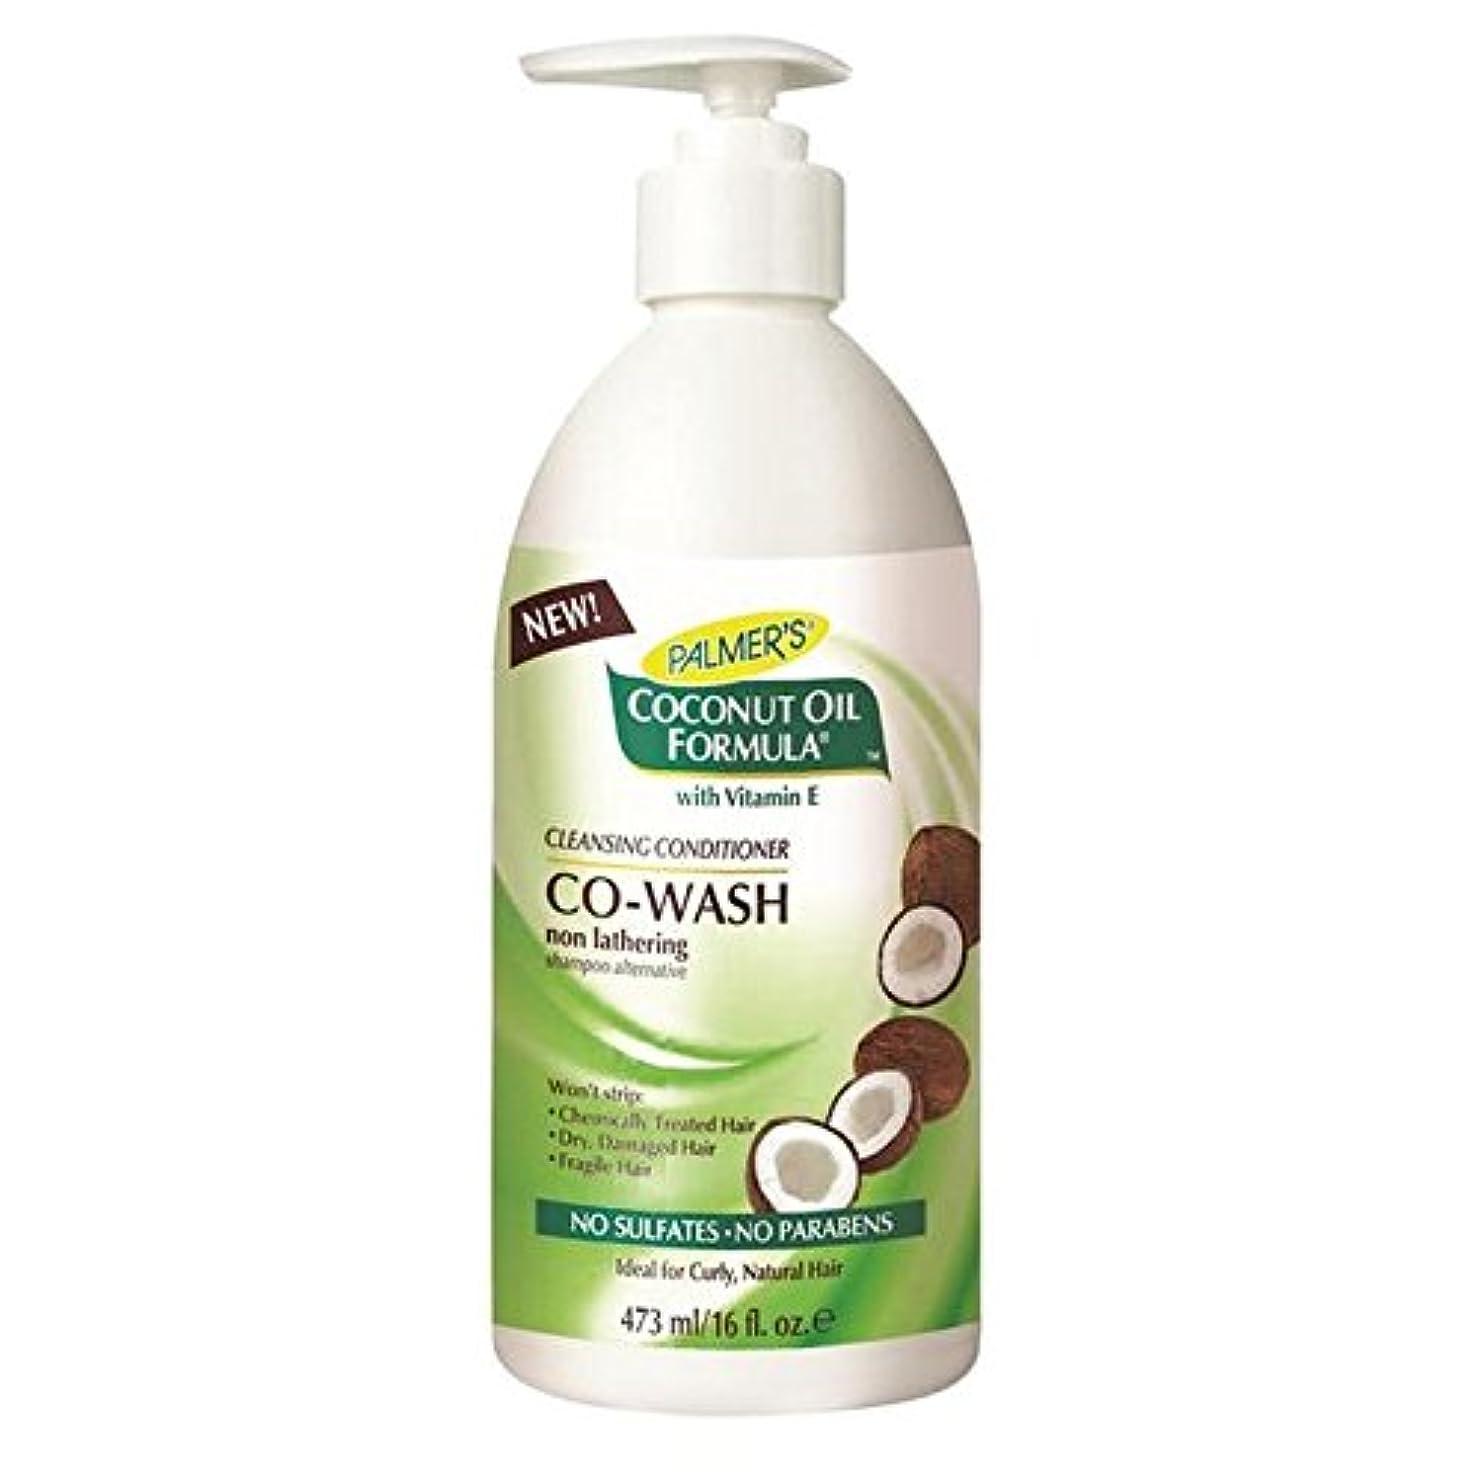 大工事件、出来事提供されたPalmer's Coconut Formula Co-Wash Cleansing Conditioner, Shampoo Alternative 473ml (Pack of 6) - パーマーのココナッツ式コウォッシュクレンジングコンディショナー、シャンプー代替473ミリリットル x6 [並行輸入品]